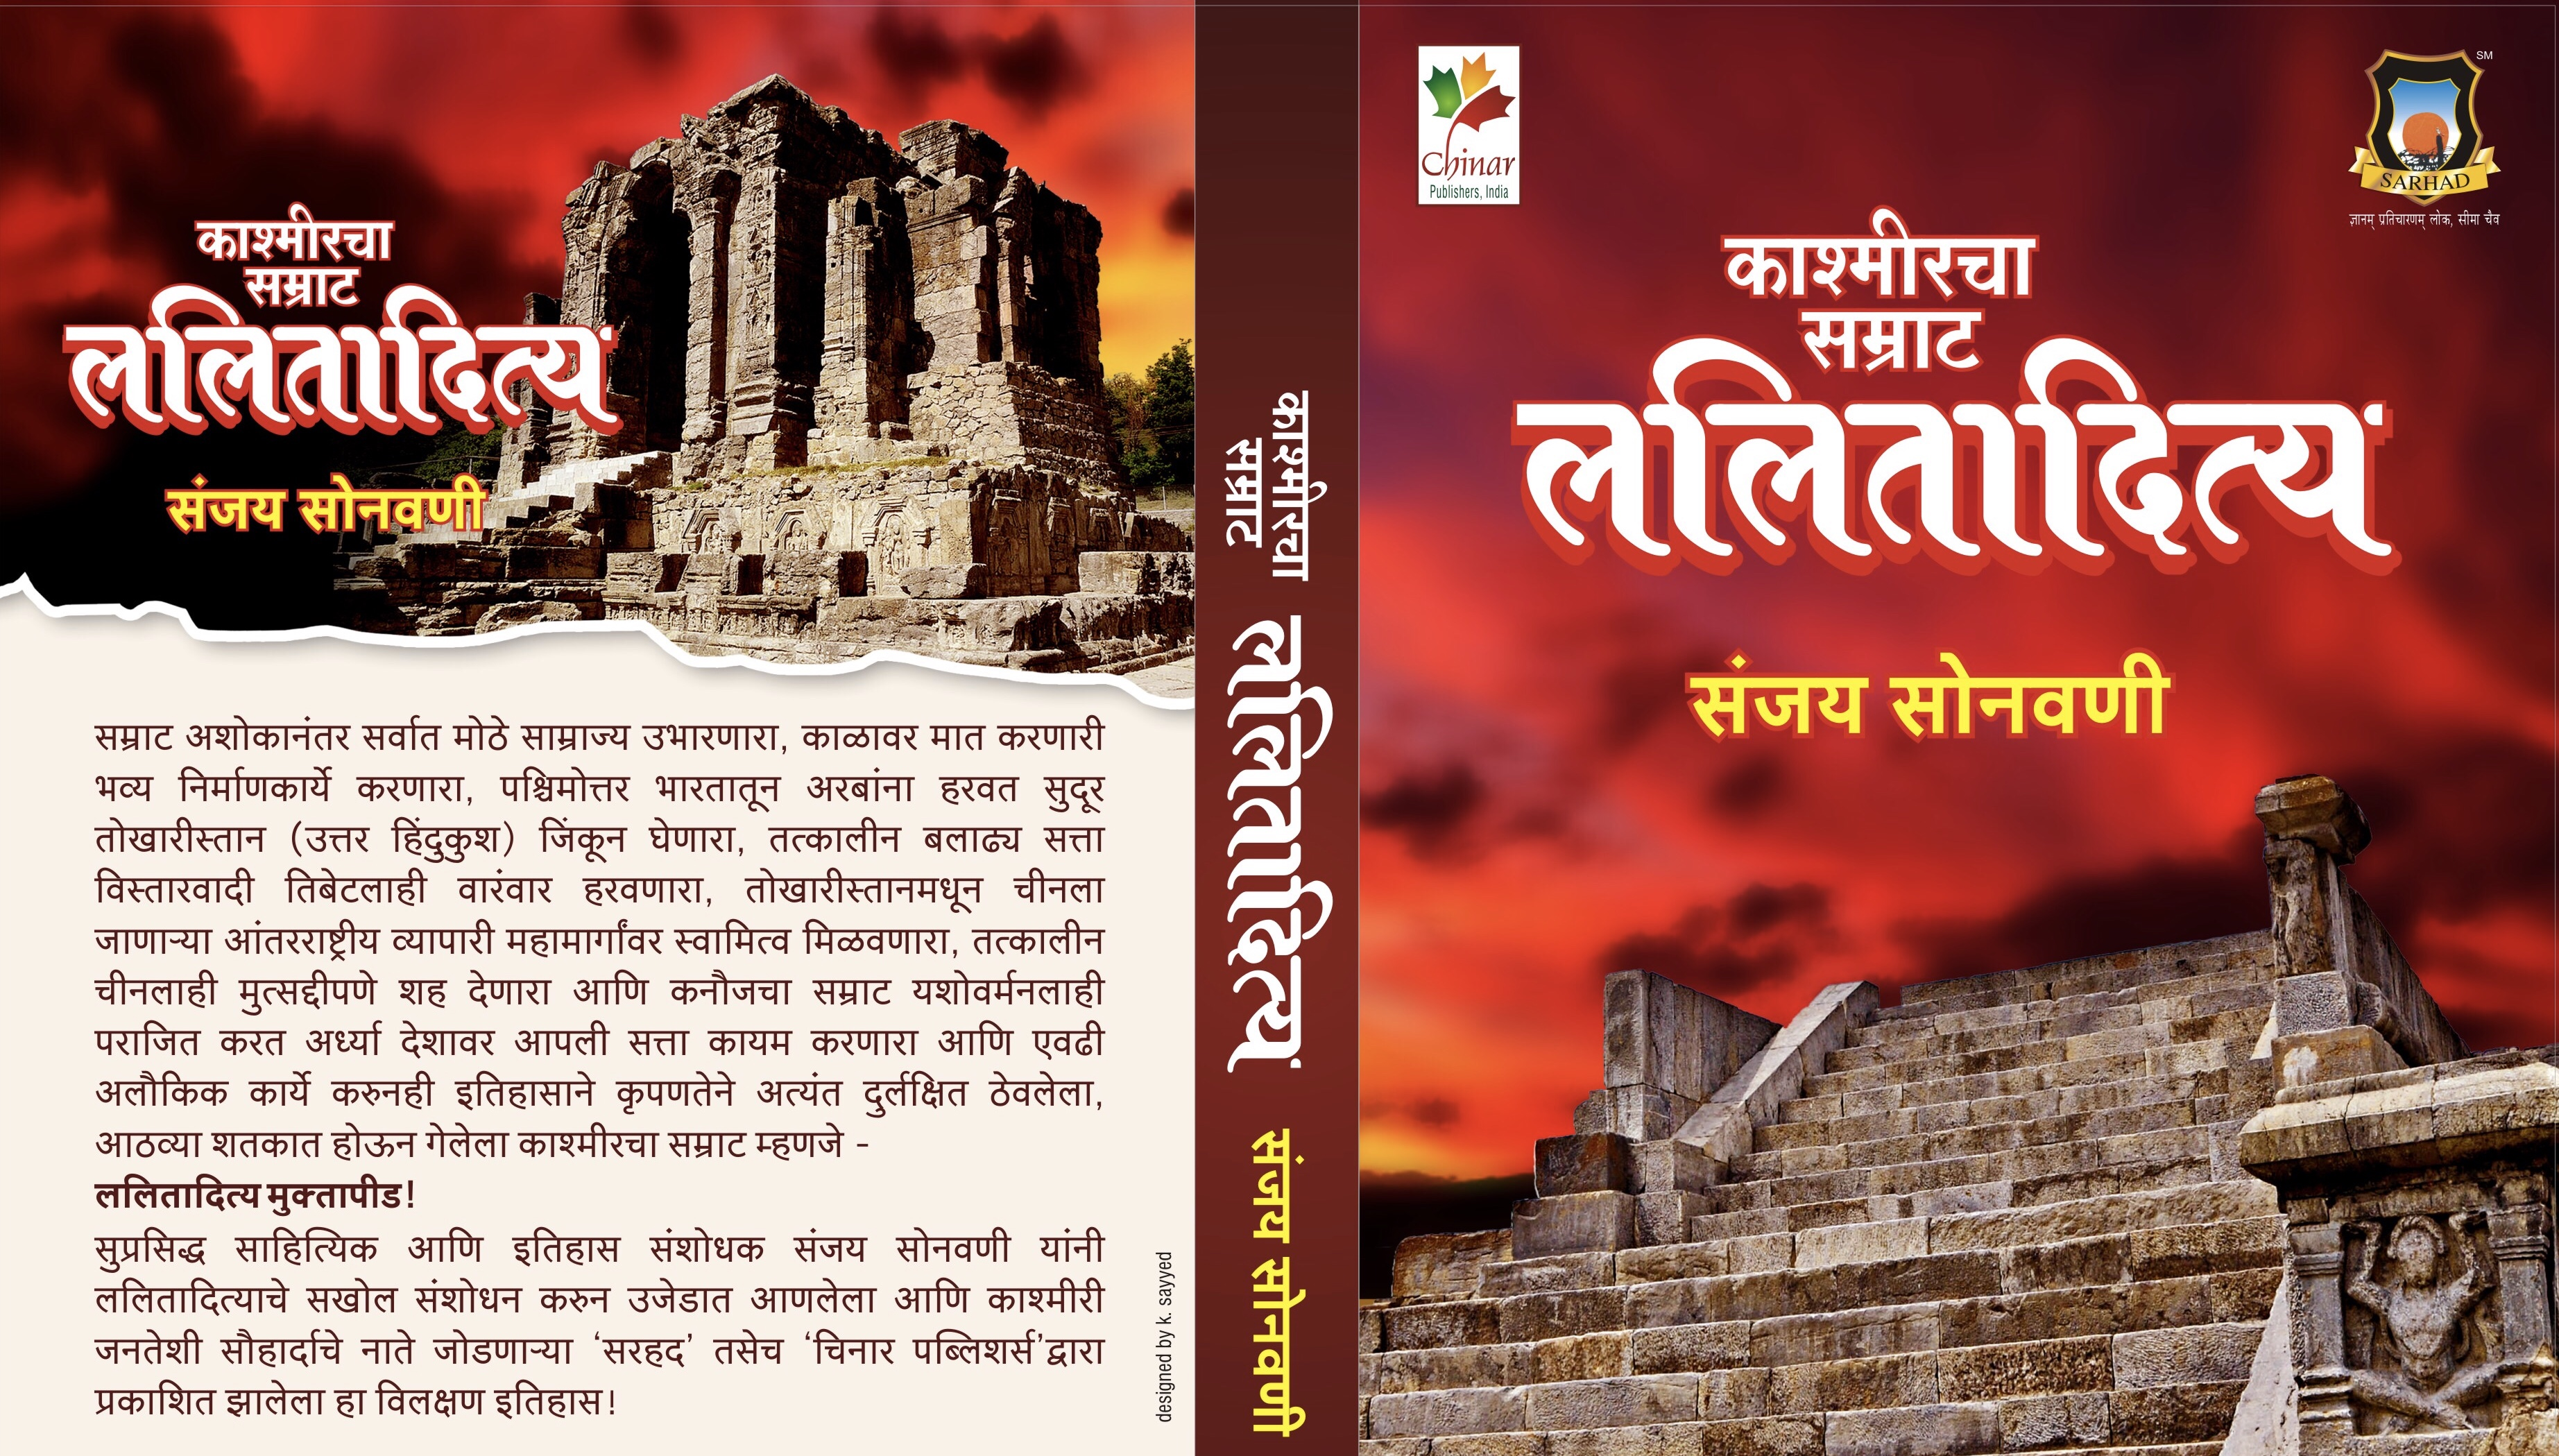 काश्मीर सम्राट ललितादित्याच्या इतिहासावर प्रकाश!